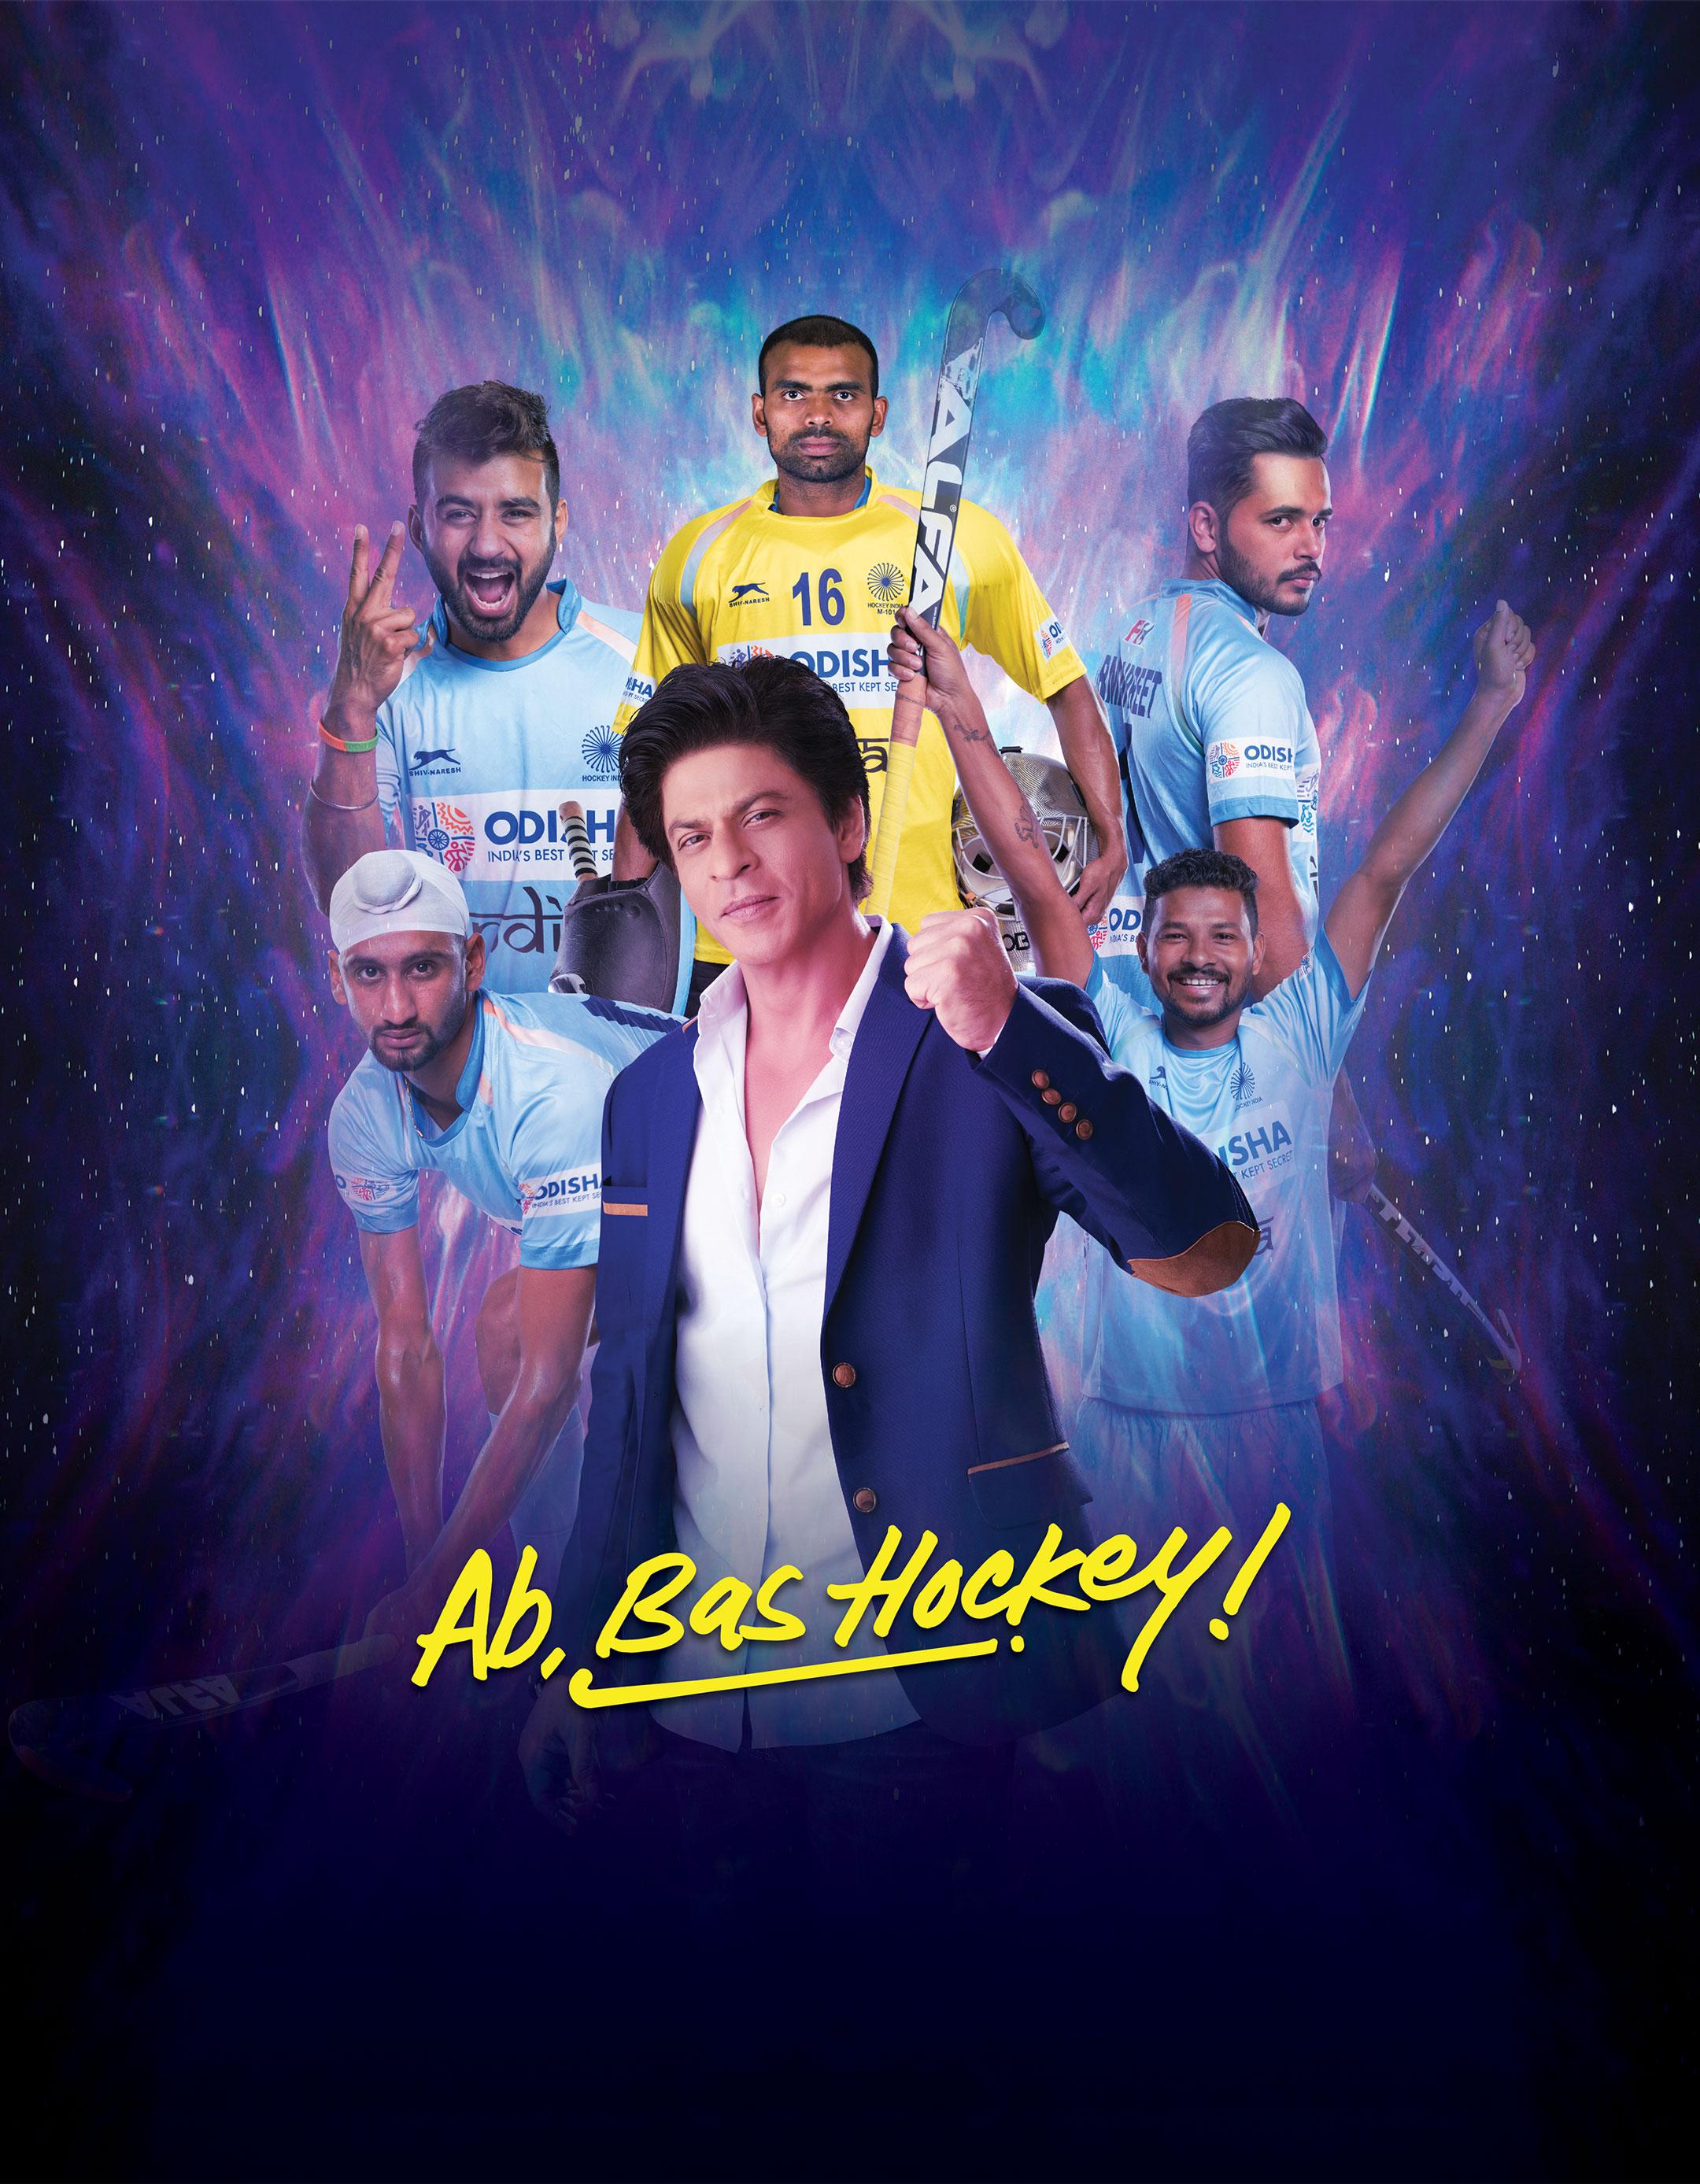 Hockey World Cup 2018 Bollywood Star Shah Rukh Khan Pledges Support Indian Hockey Team